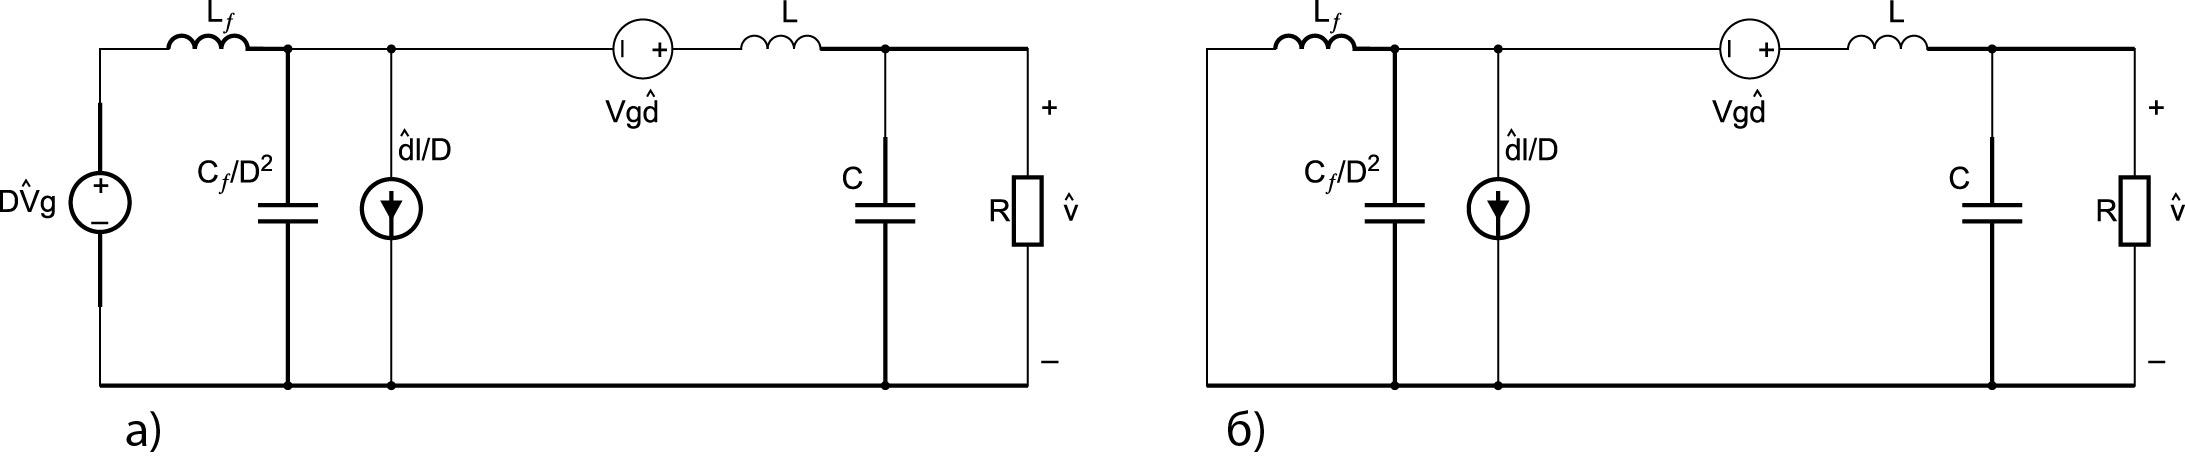 Эквивалентная расчетная схема (согласно схеме рис. 3б):